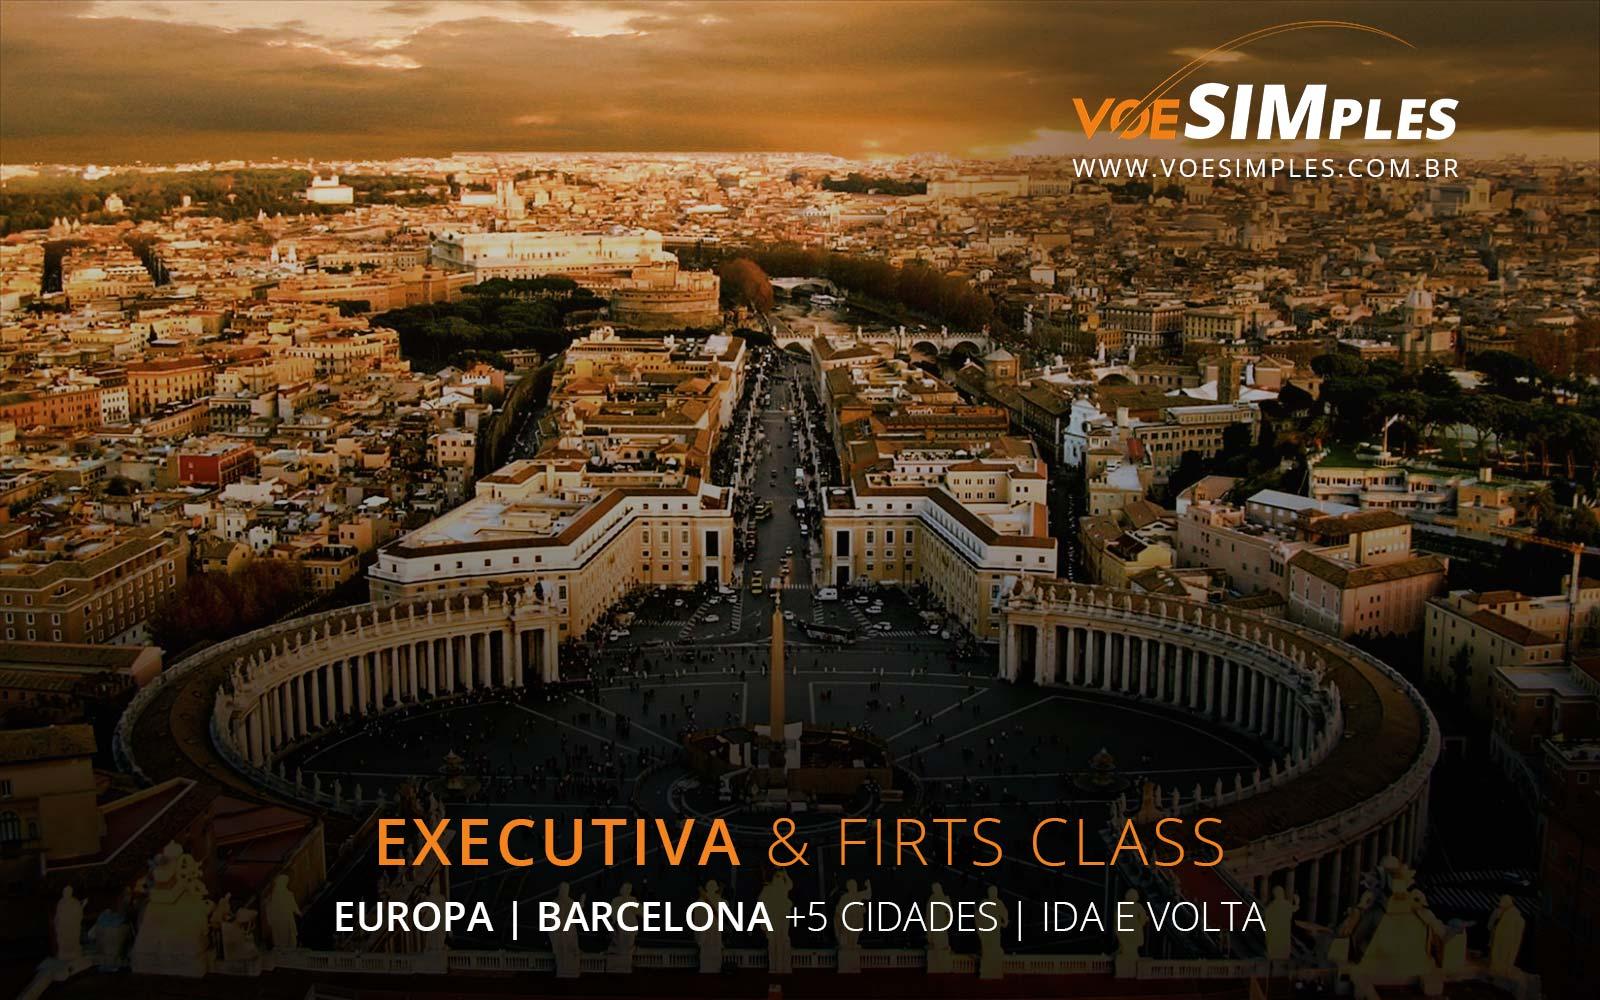 Passagens aéreas para a Europa em Premium Business